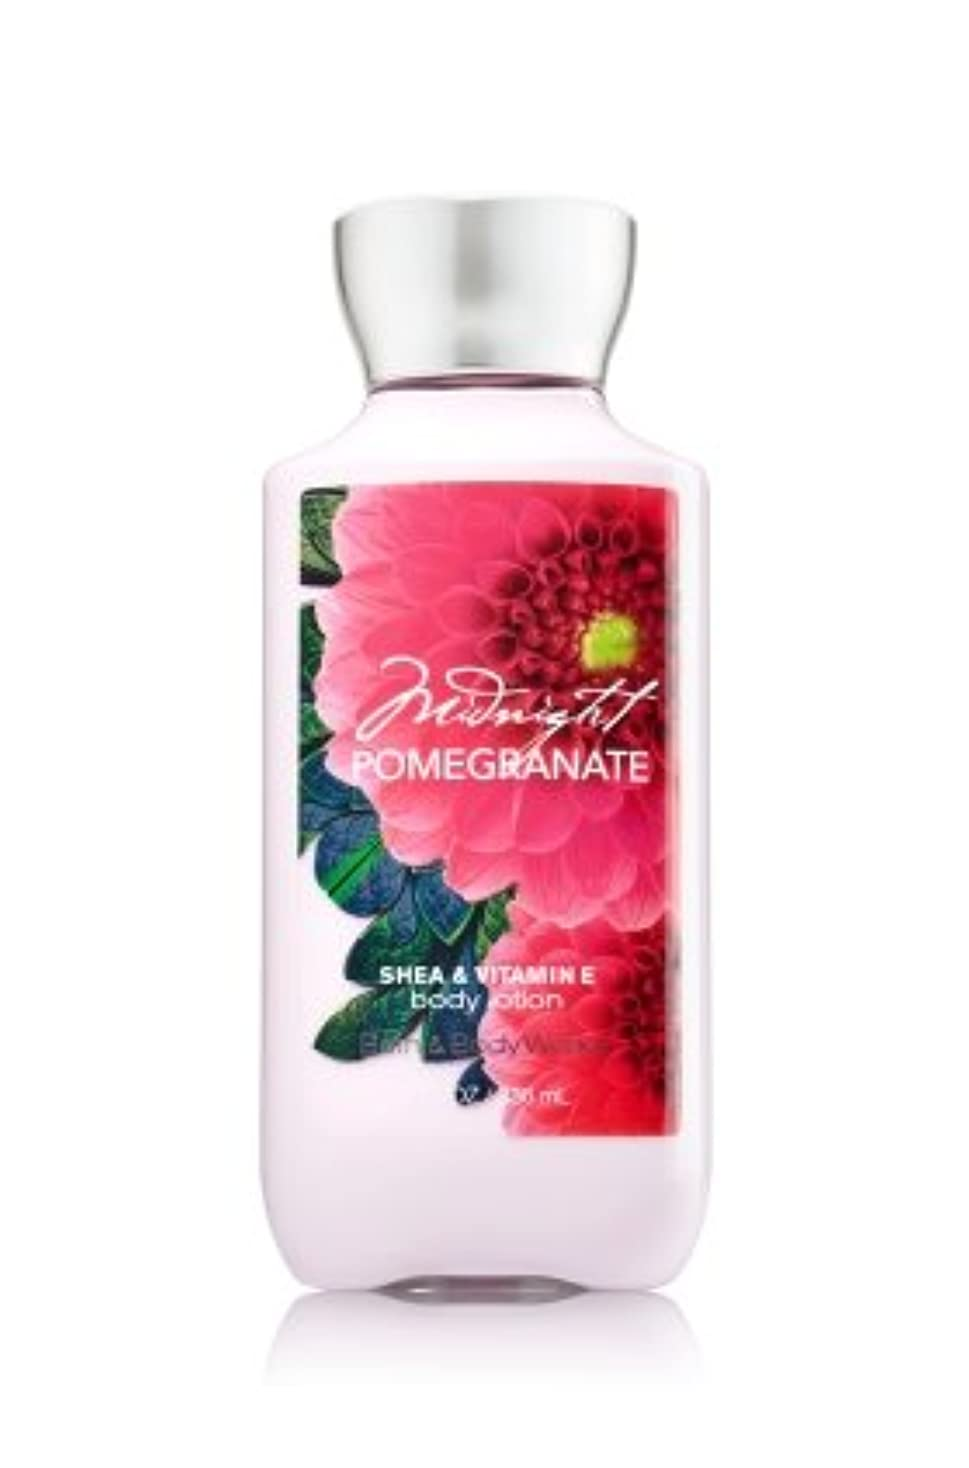 コーデリア世界に死んだ薄いバス&ボディワークス ミッドナイトポメグラネート ボディローション Midnight Pomegranate body lotion [並行輸入品]